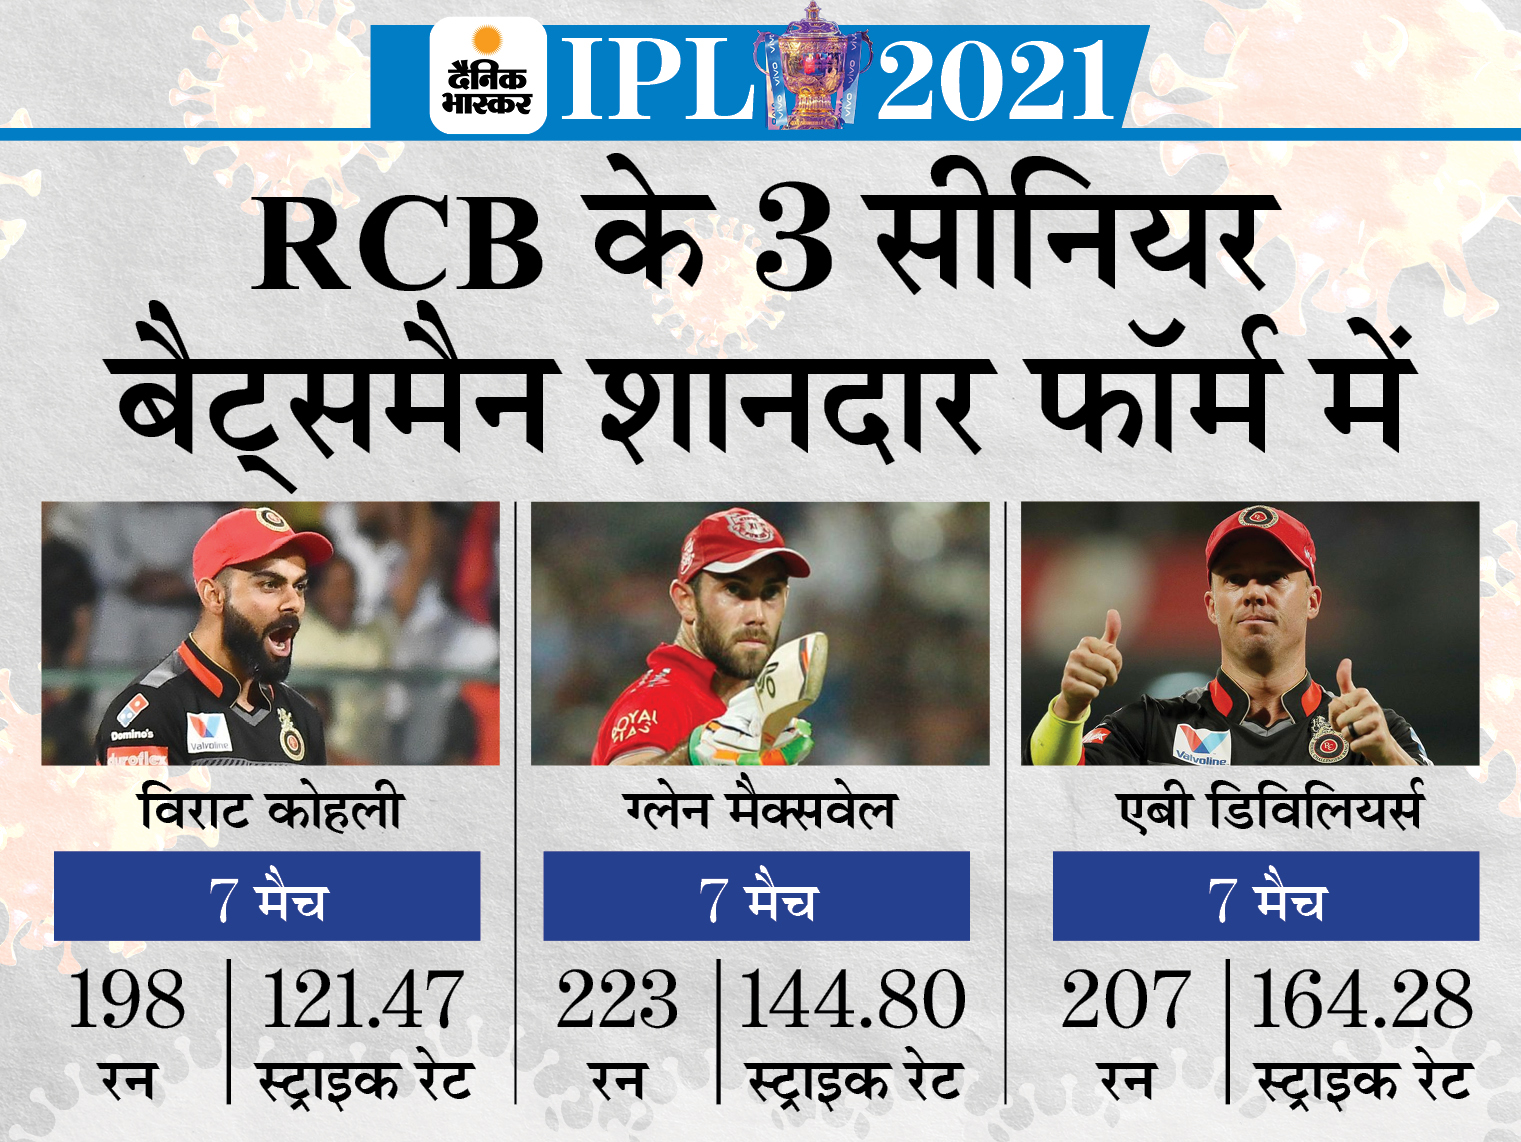 2017 के बाद पहली बार फॉर्म में दिखे थे ग्लेन मैक्सवेल, एबी डीविलियर्स और विराट कोहली भी जबरदस्त फॉर्म में थे|IPL 2021,IPL 2021 - Dainik Bhaskar